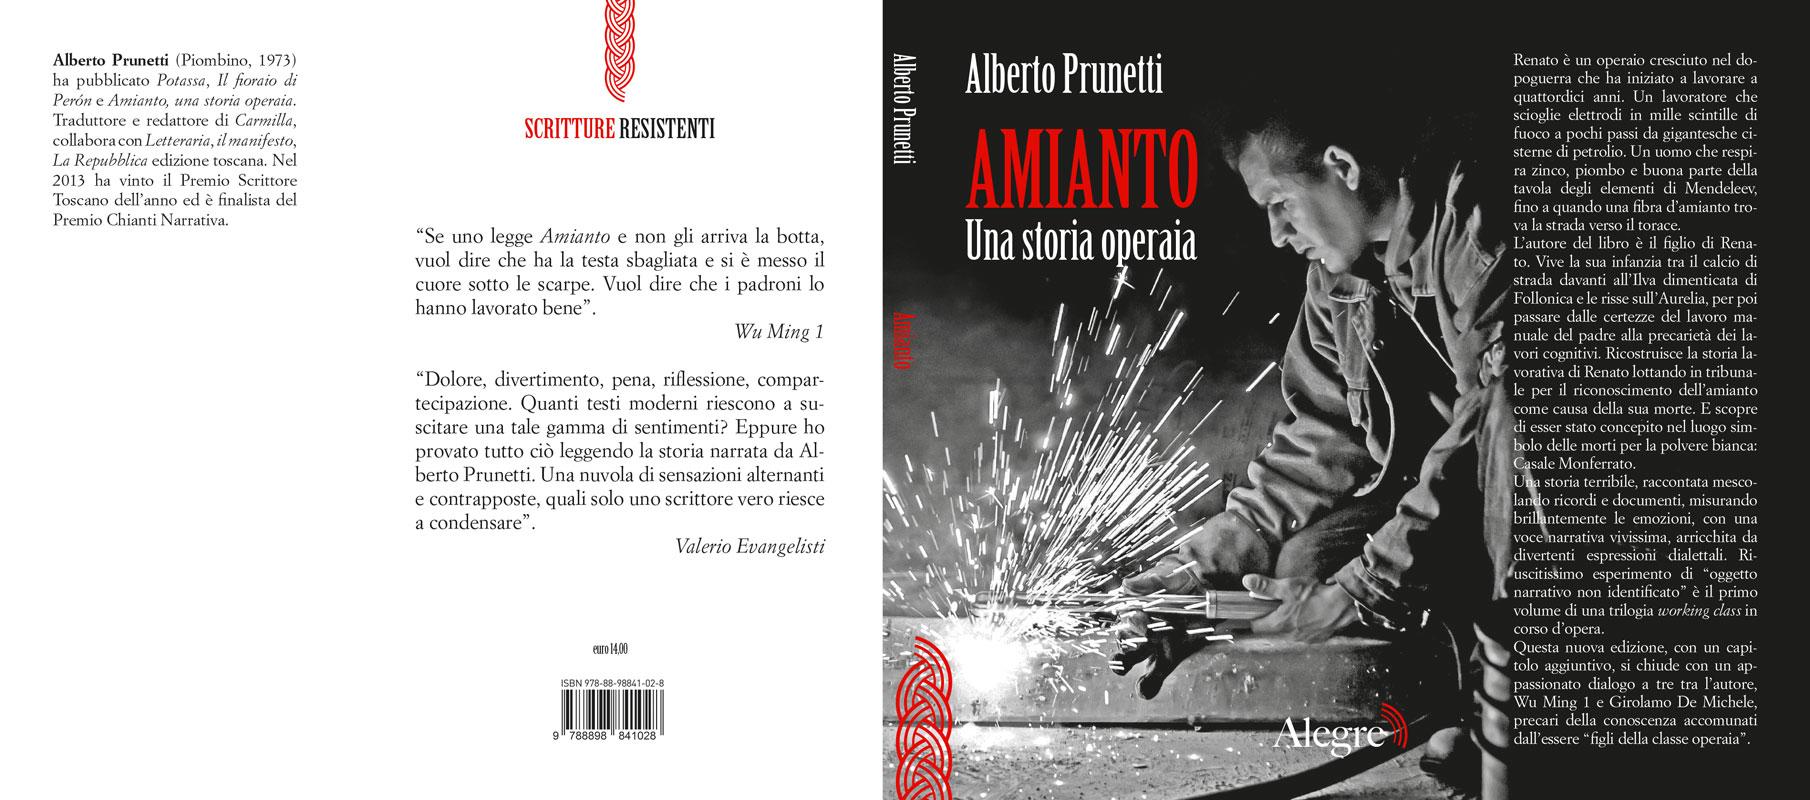 Alberto Prunetti, Amianto, stesa